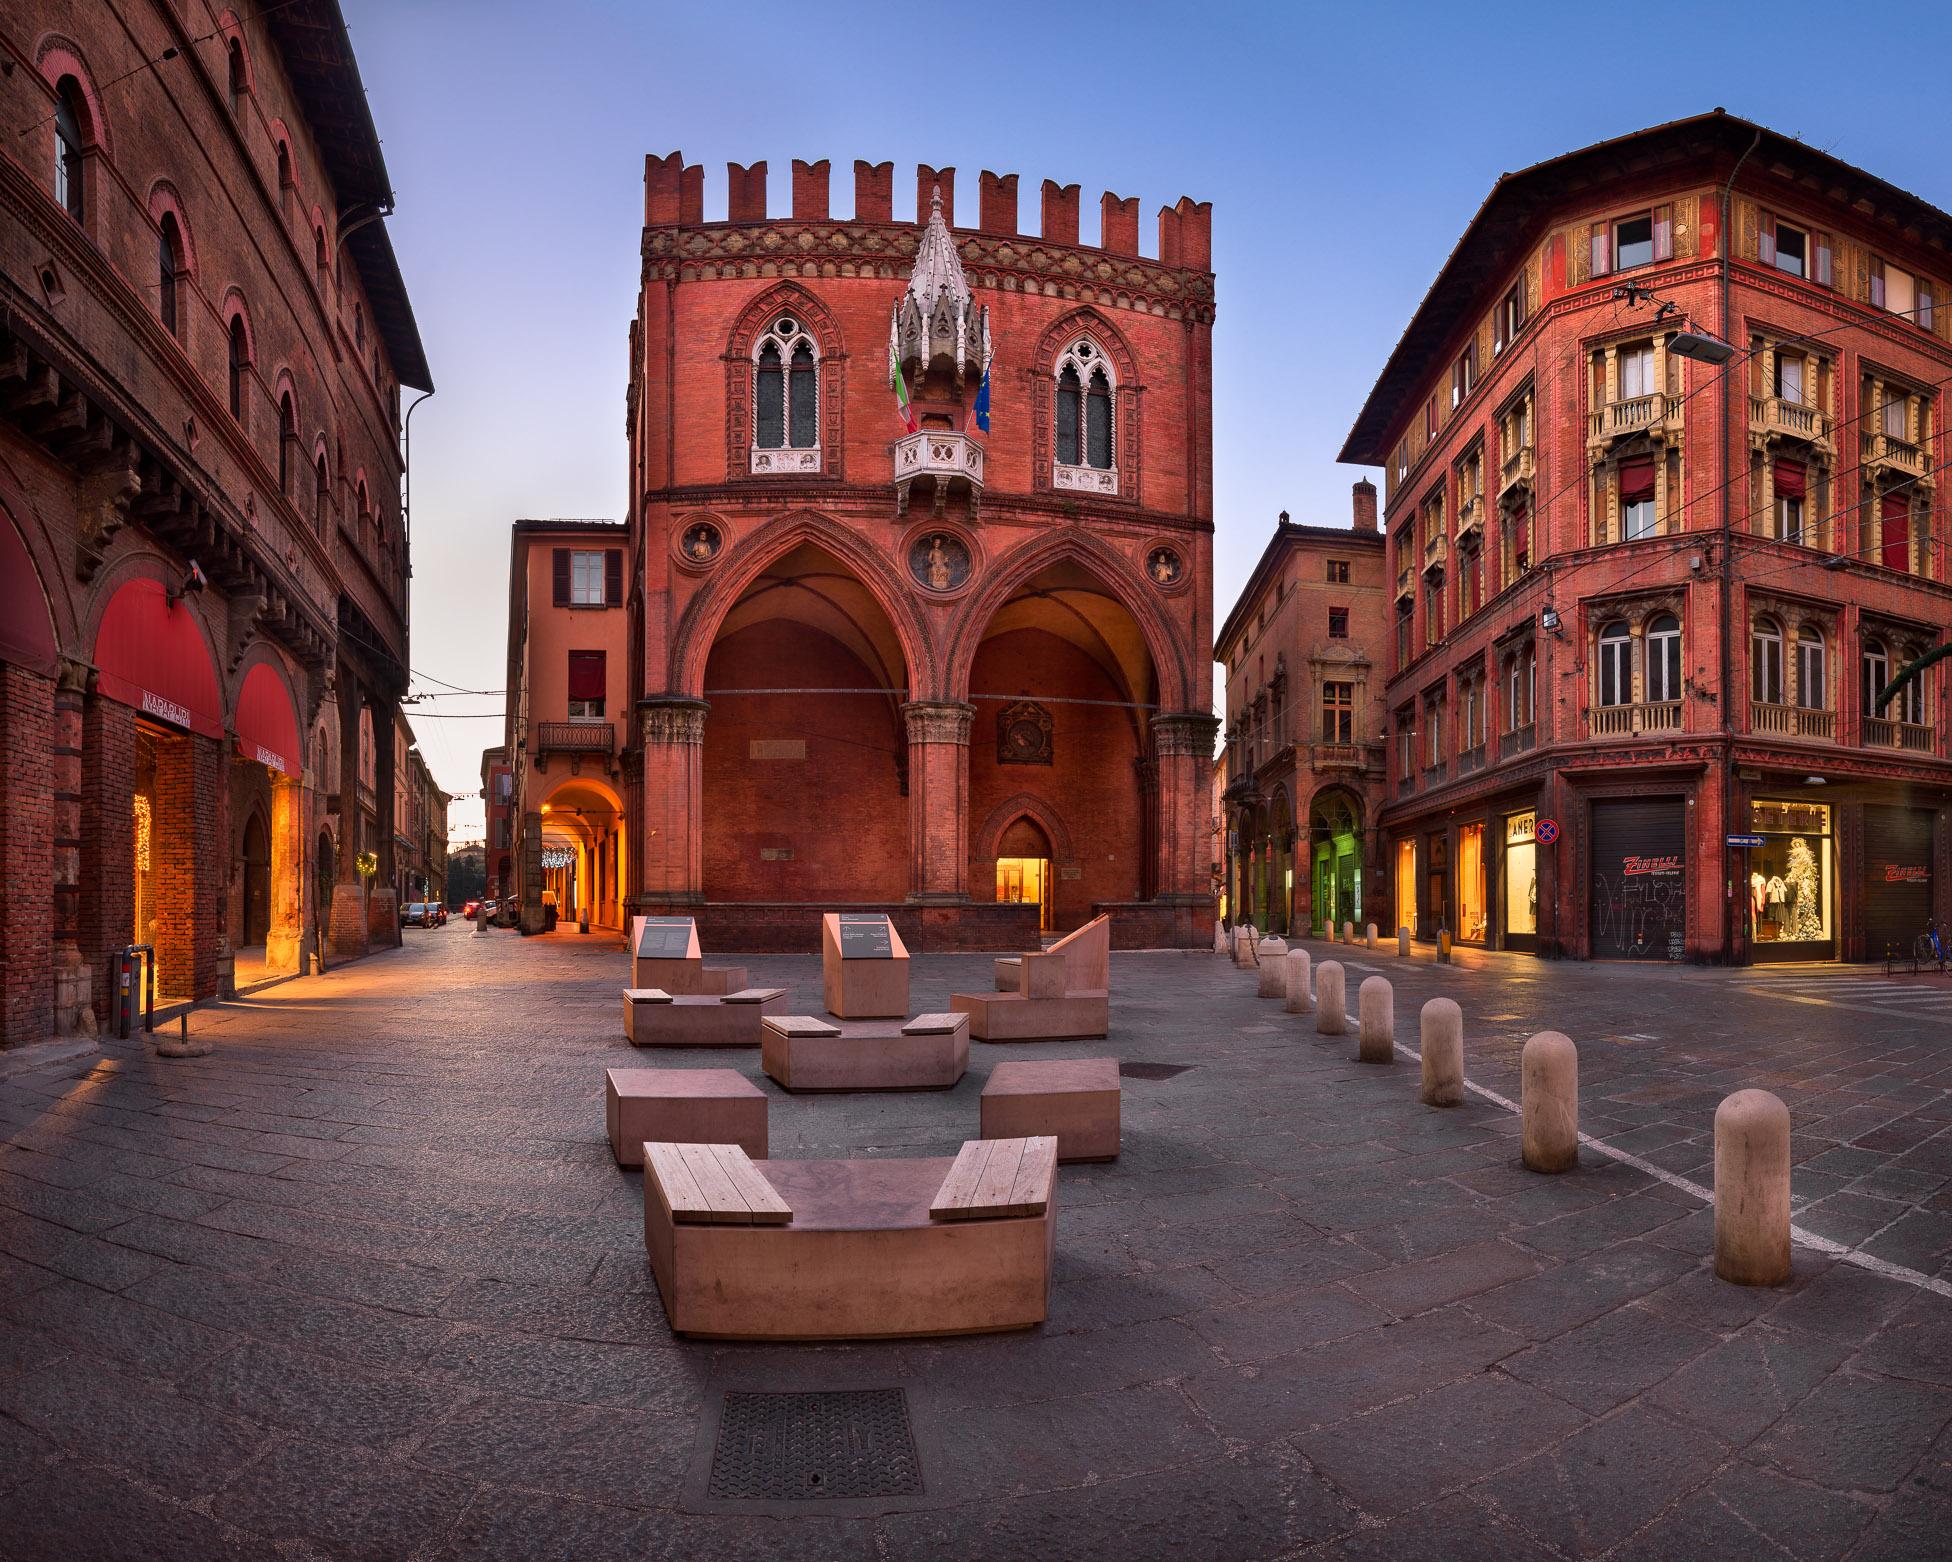 Piazza della Mercanzia in the Morning, Bologna, Emilia-Romagna, Italy